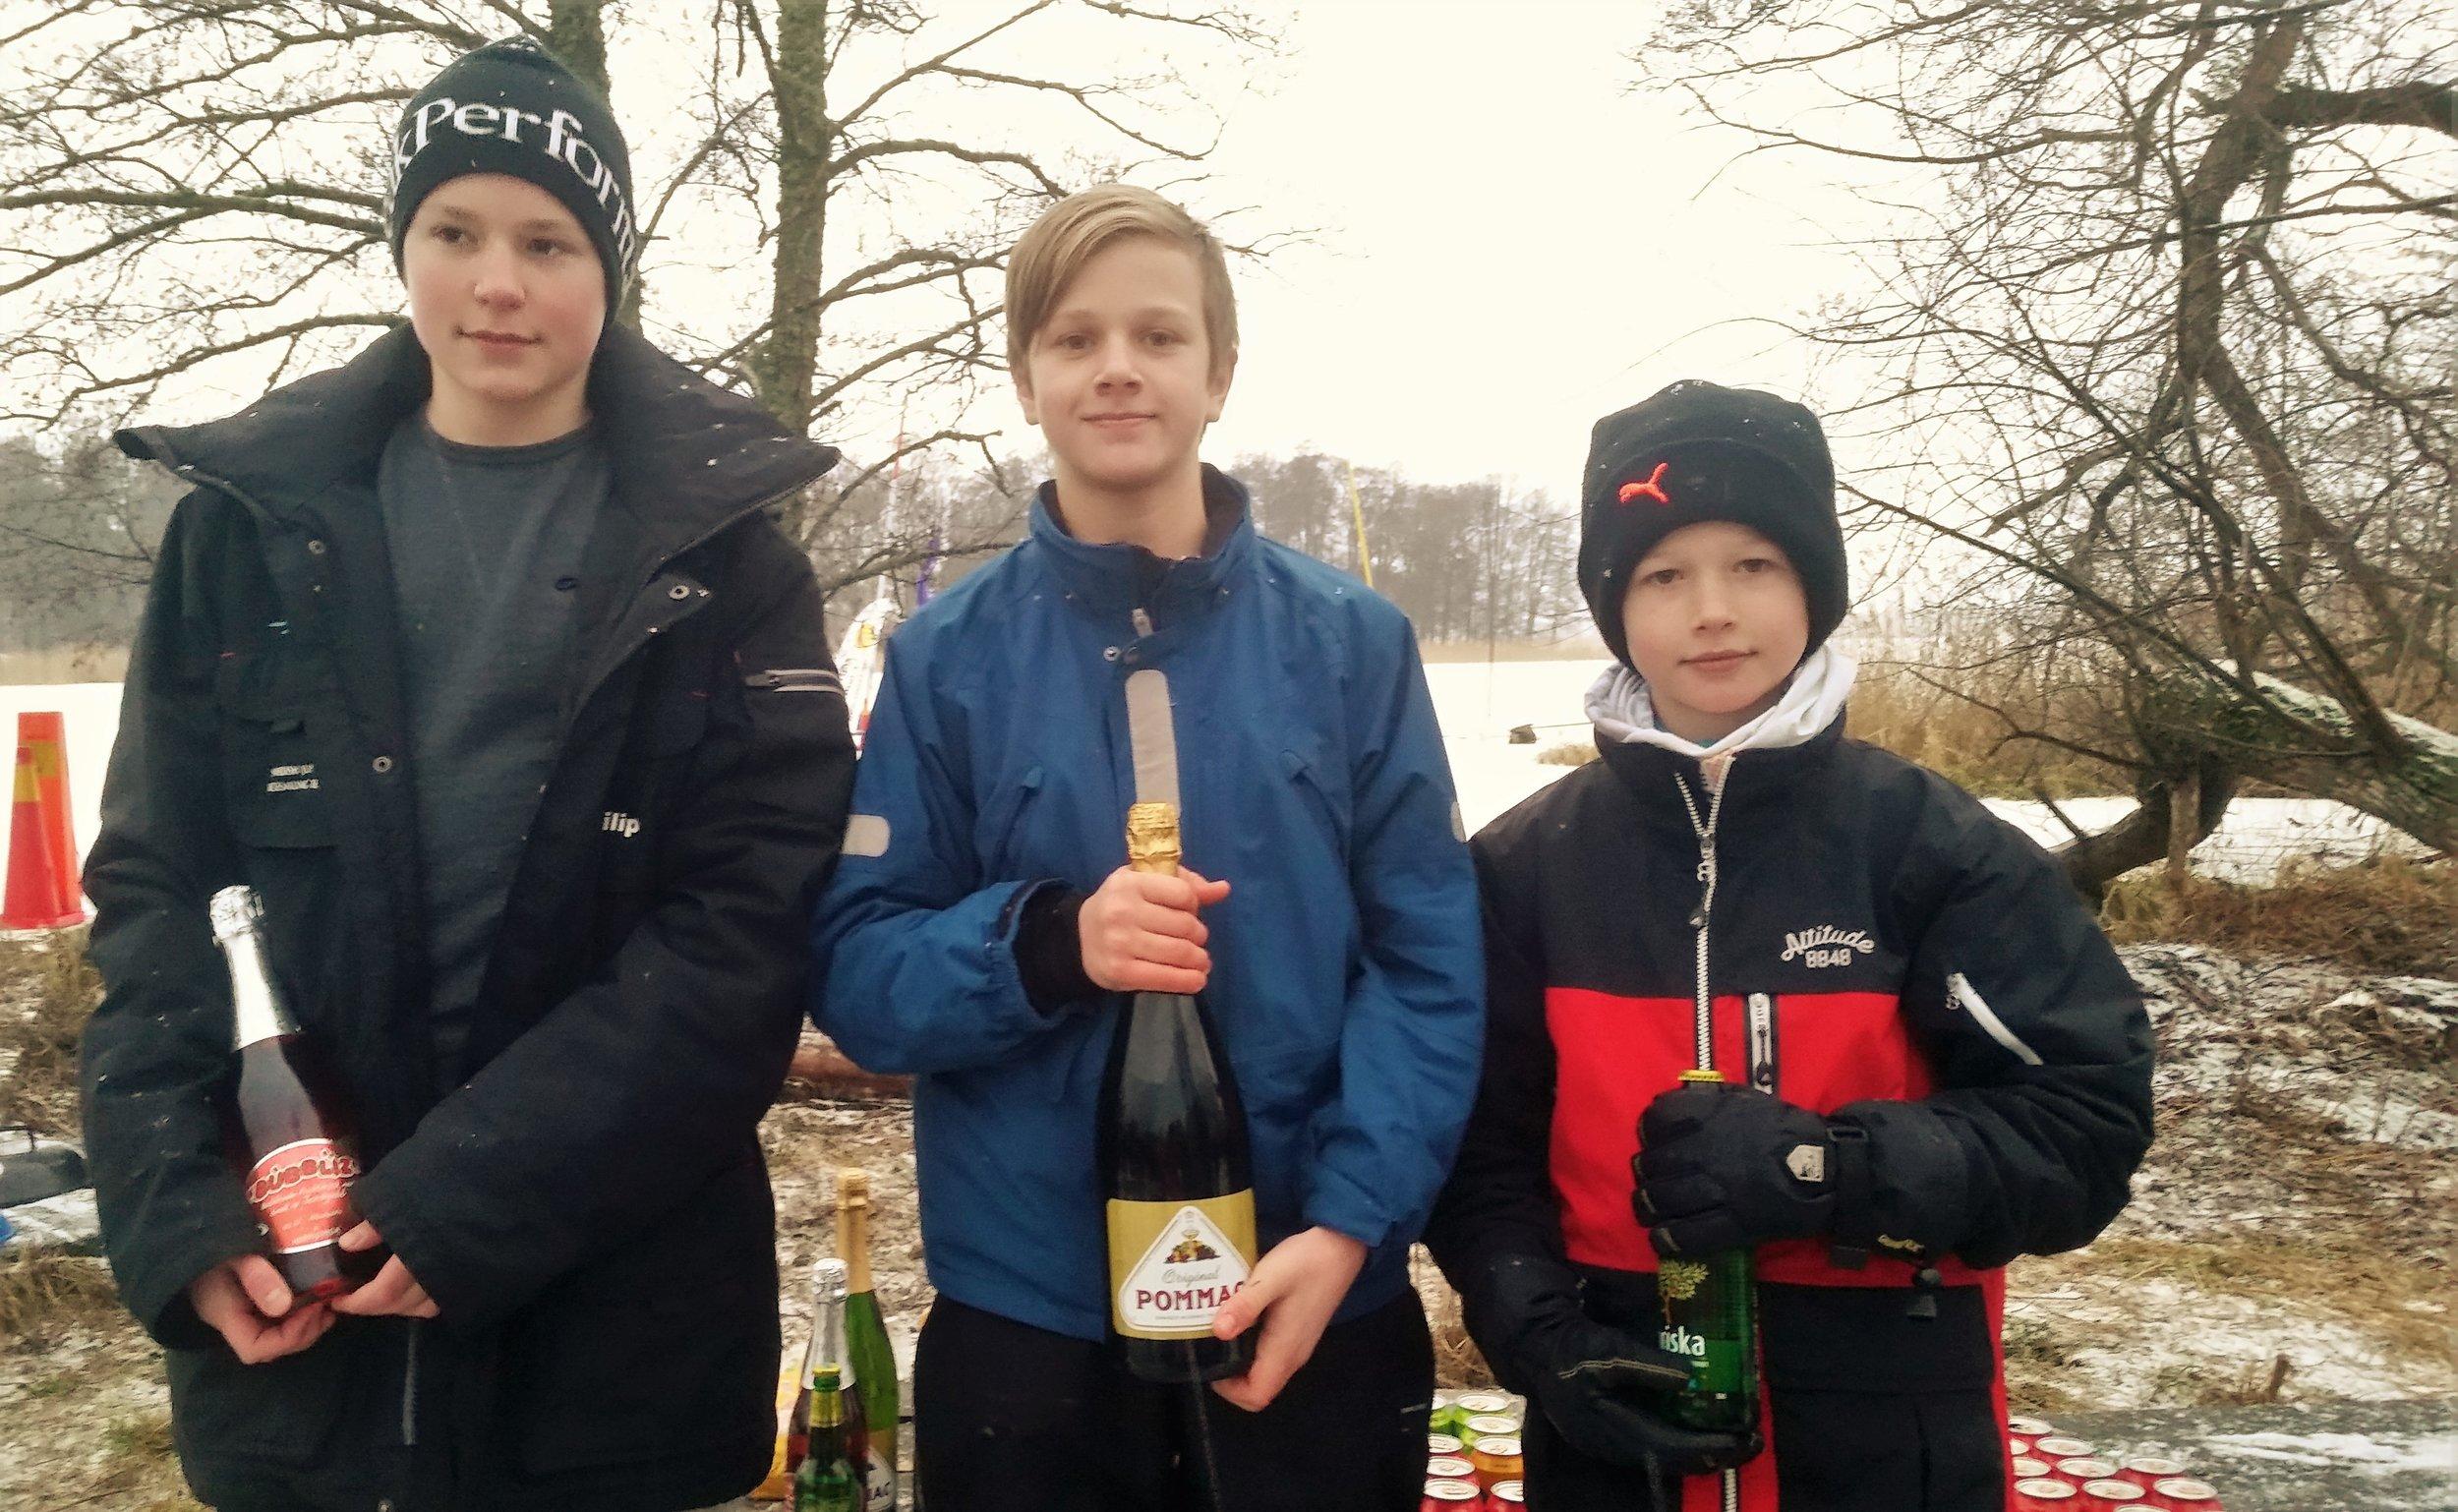 Vinnare IceOptimist R8, fr v 2:a Philip Lindblad S46, 1:a Oskar Svensson S45 och 3:a Viktor Svensson S39